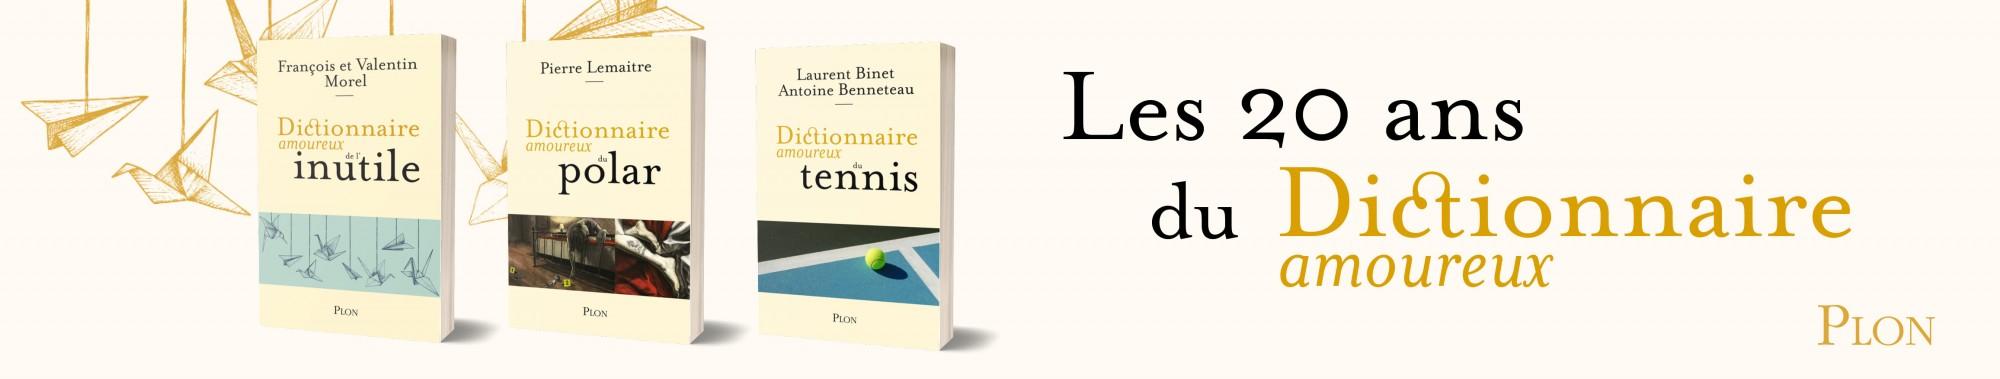 20 ans des Dictionnaires amoureux